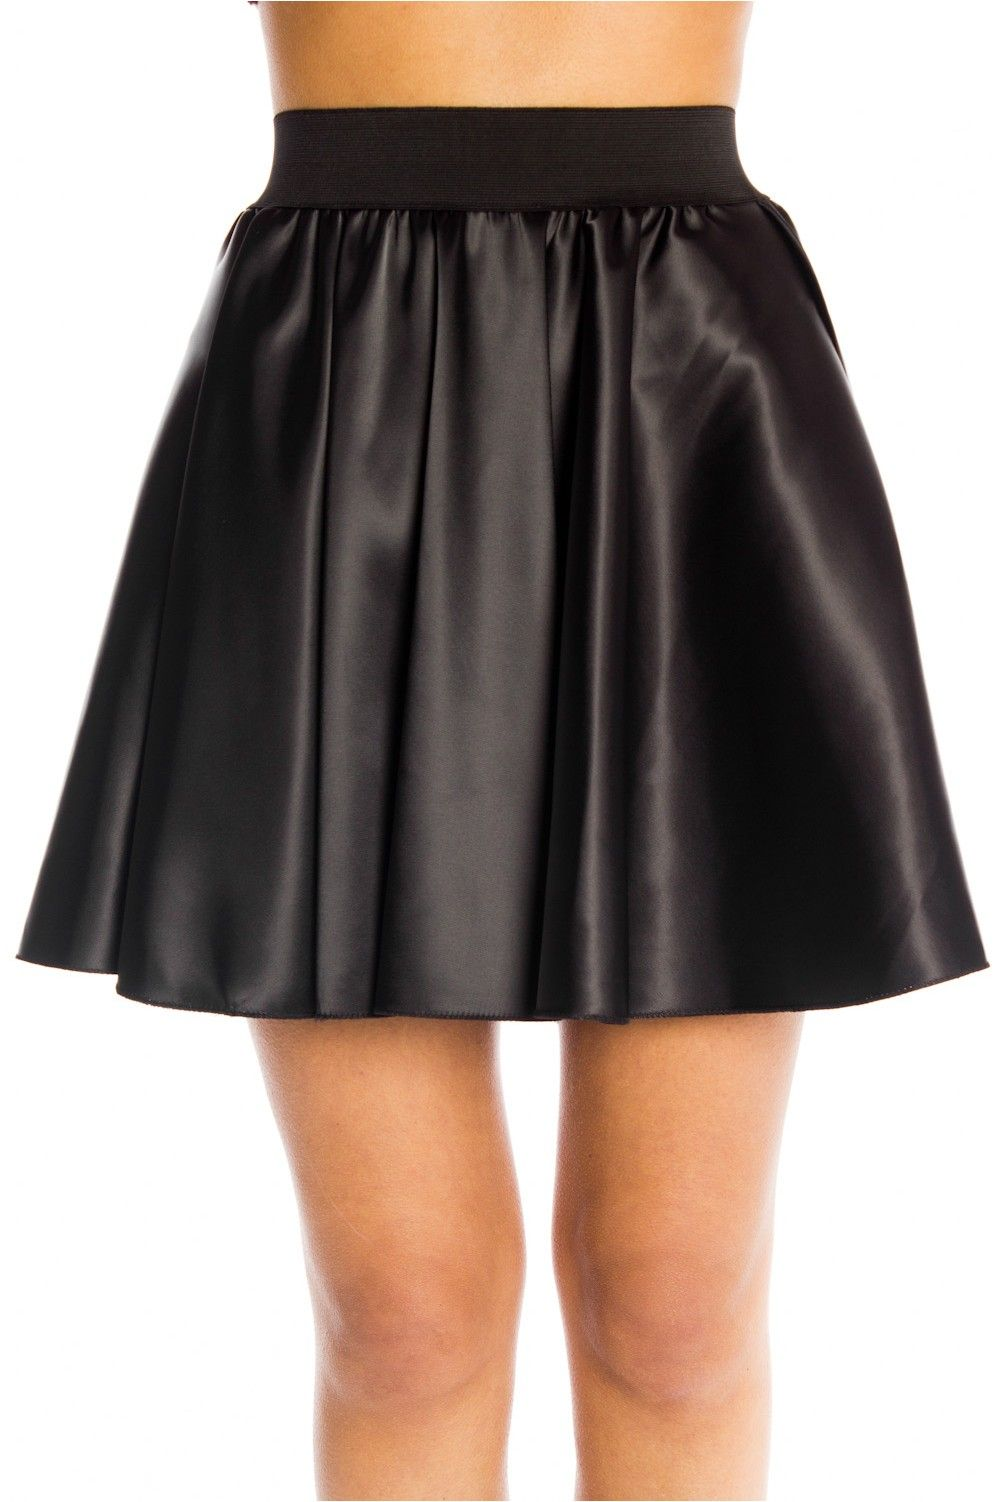 black skater skirt costume options for souled out